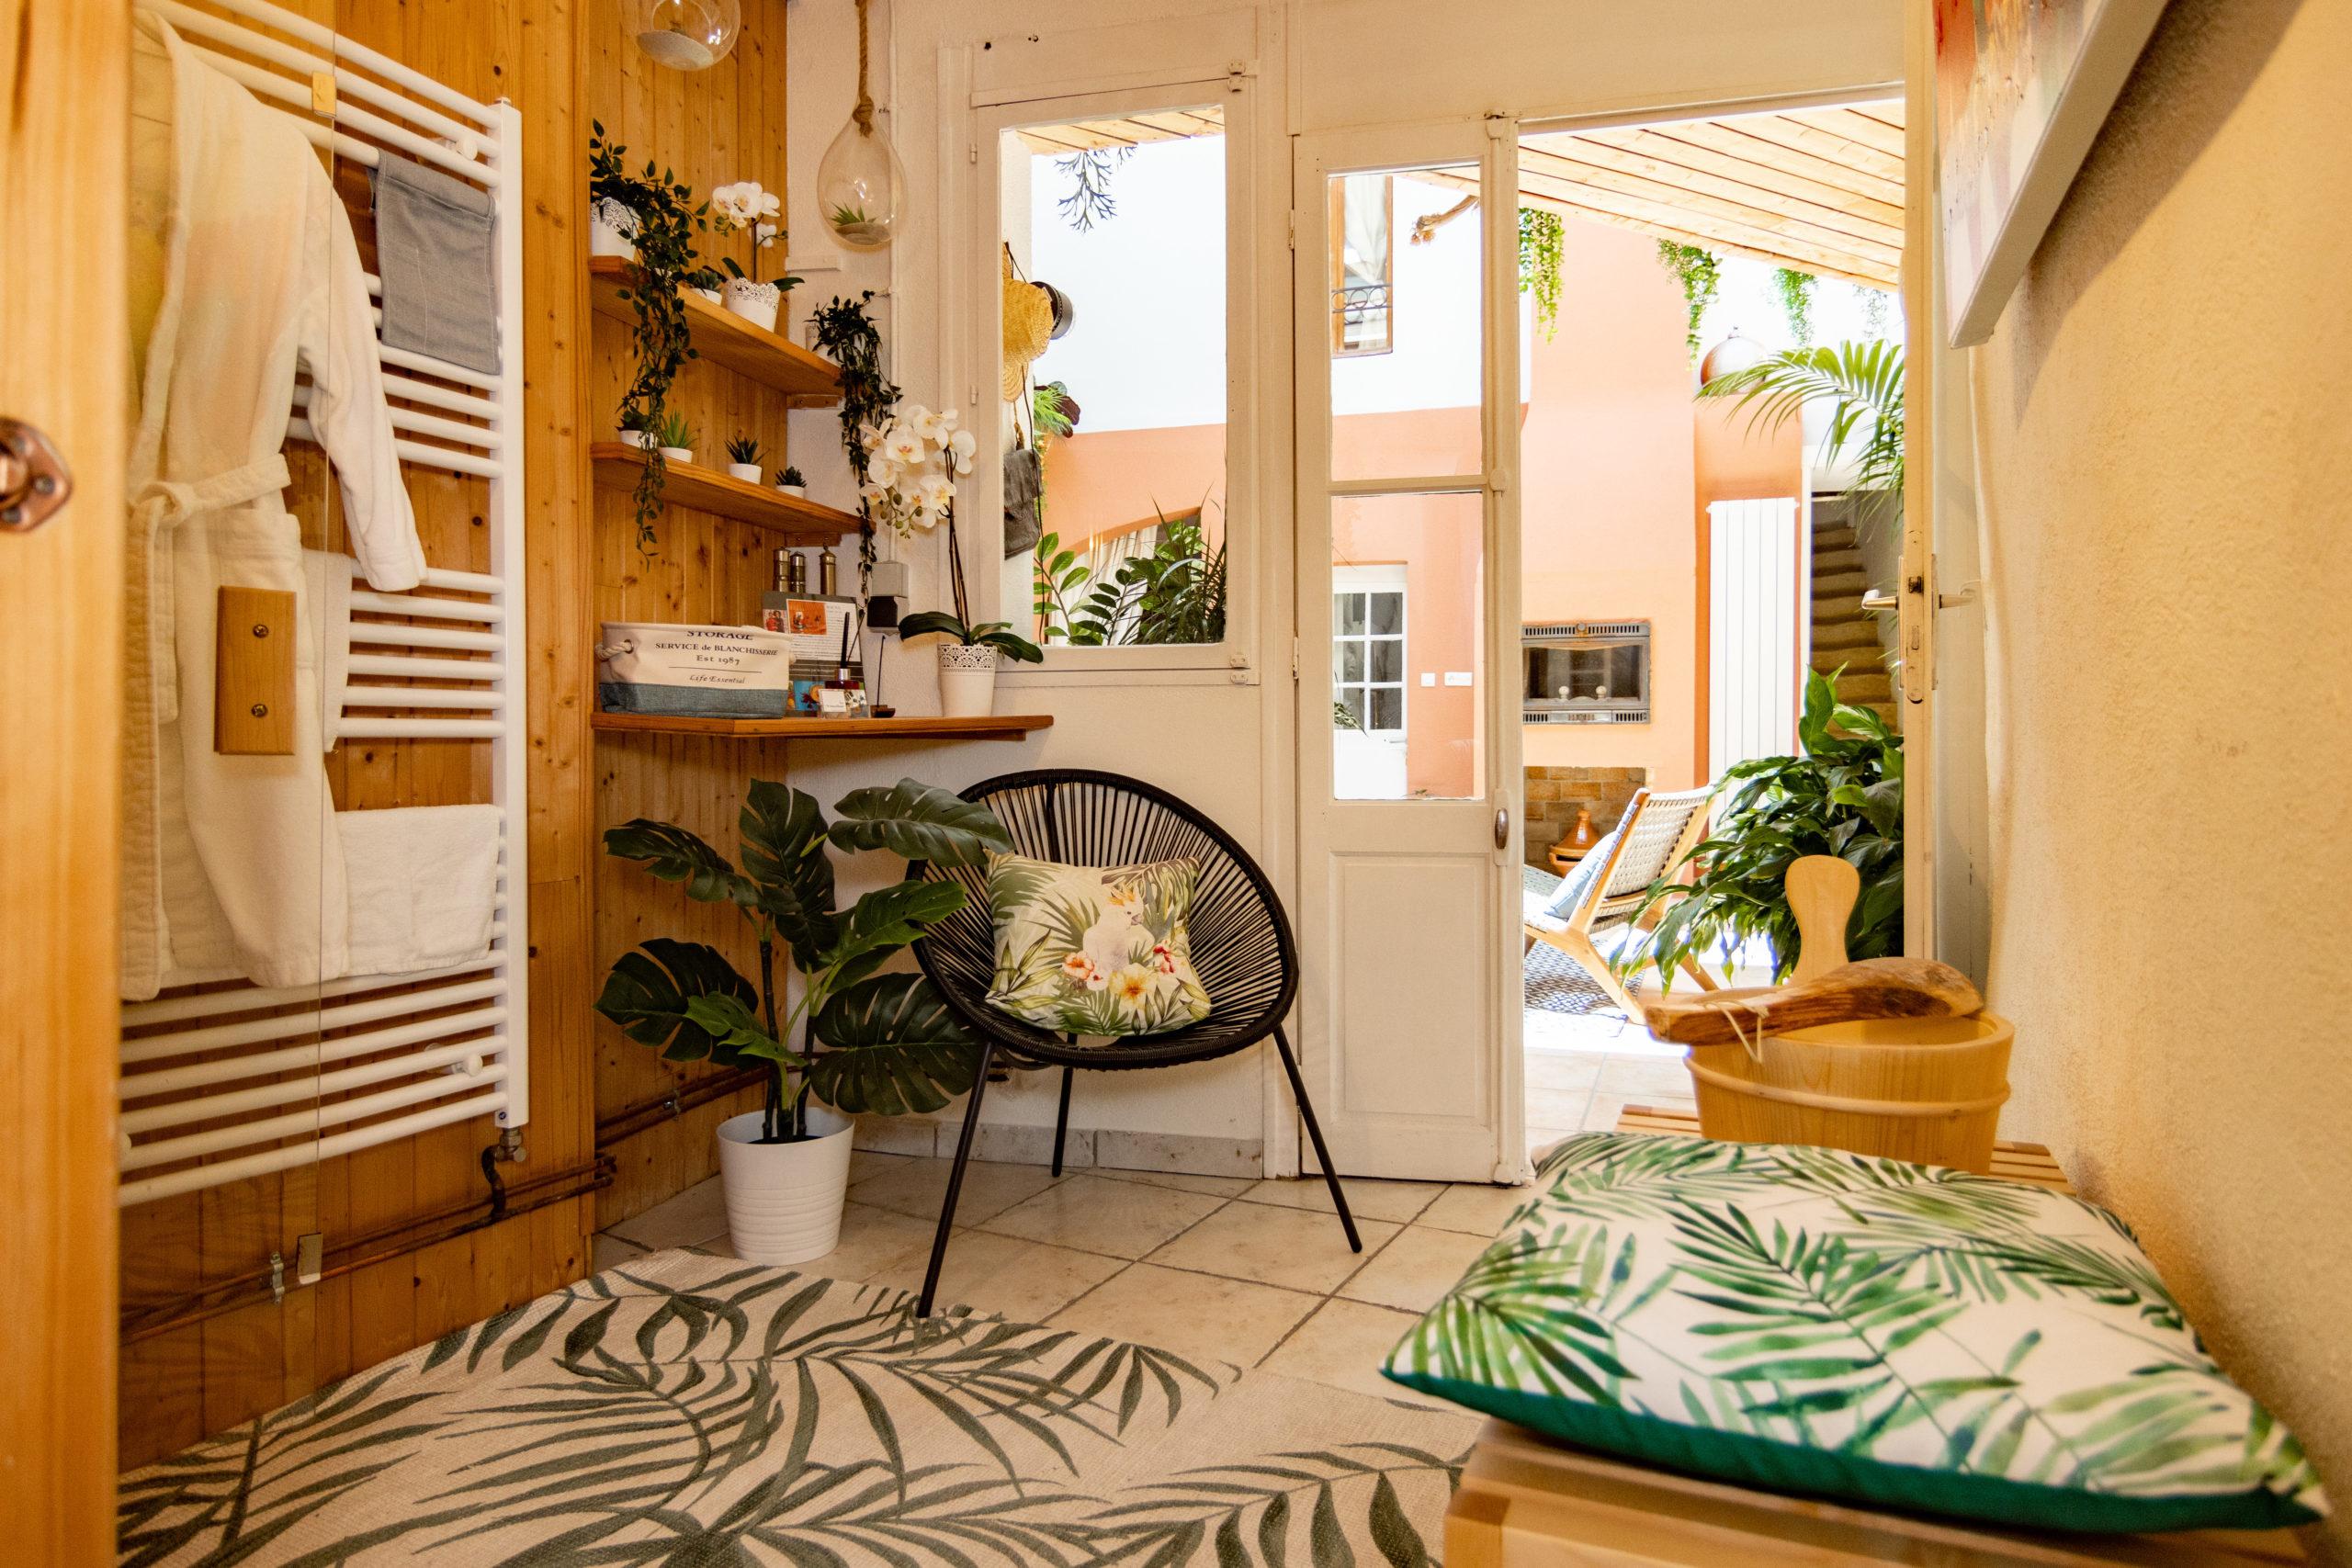 La Vermeillade : location d'appartements équipés et tout confort